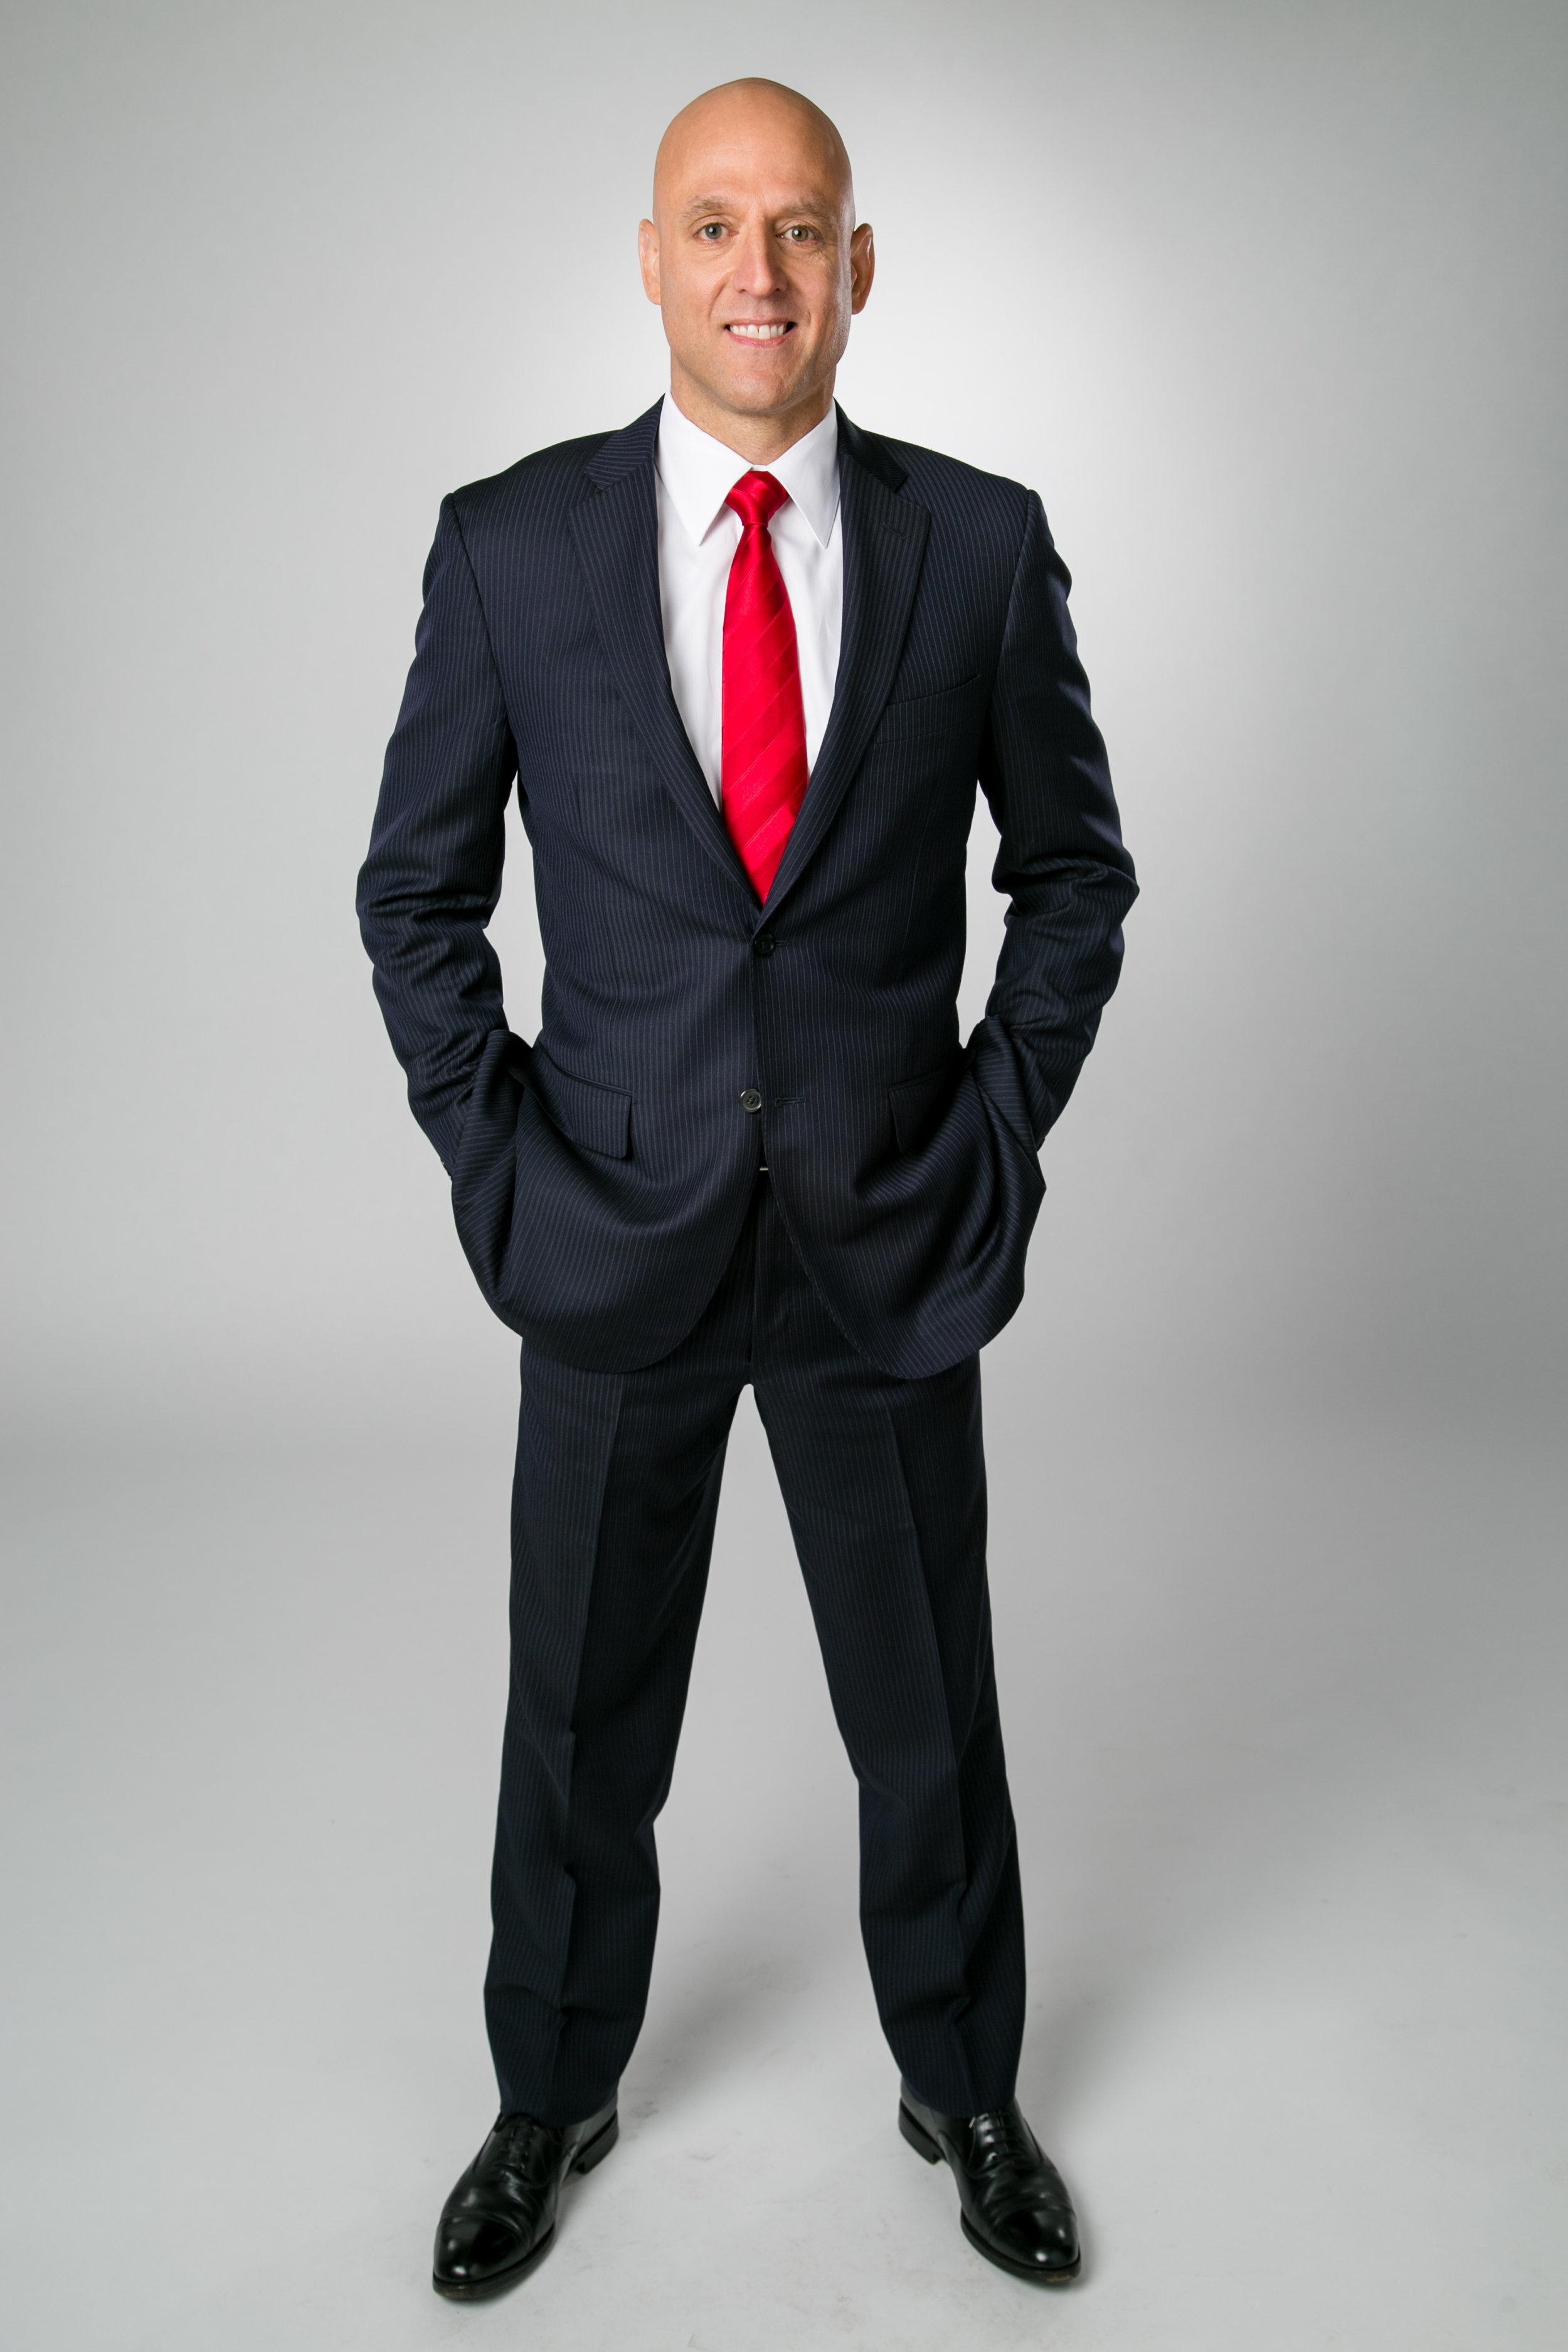 Michael Veltri Business Leader